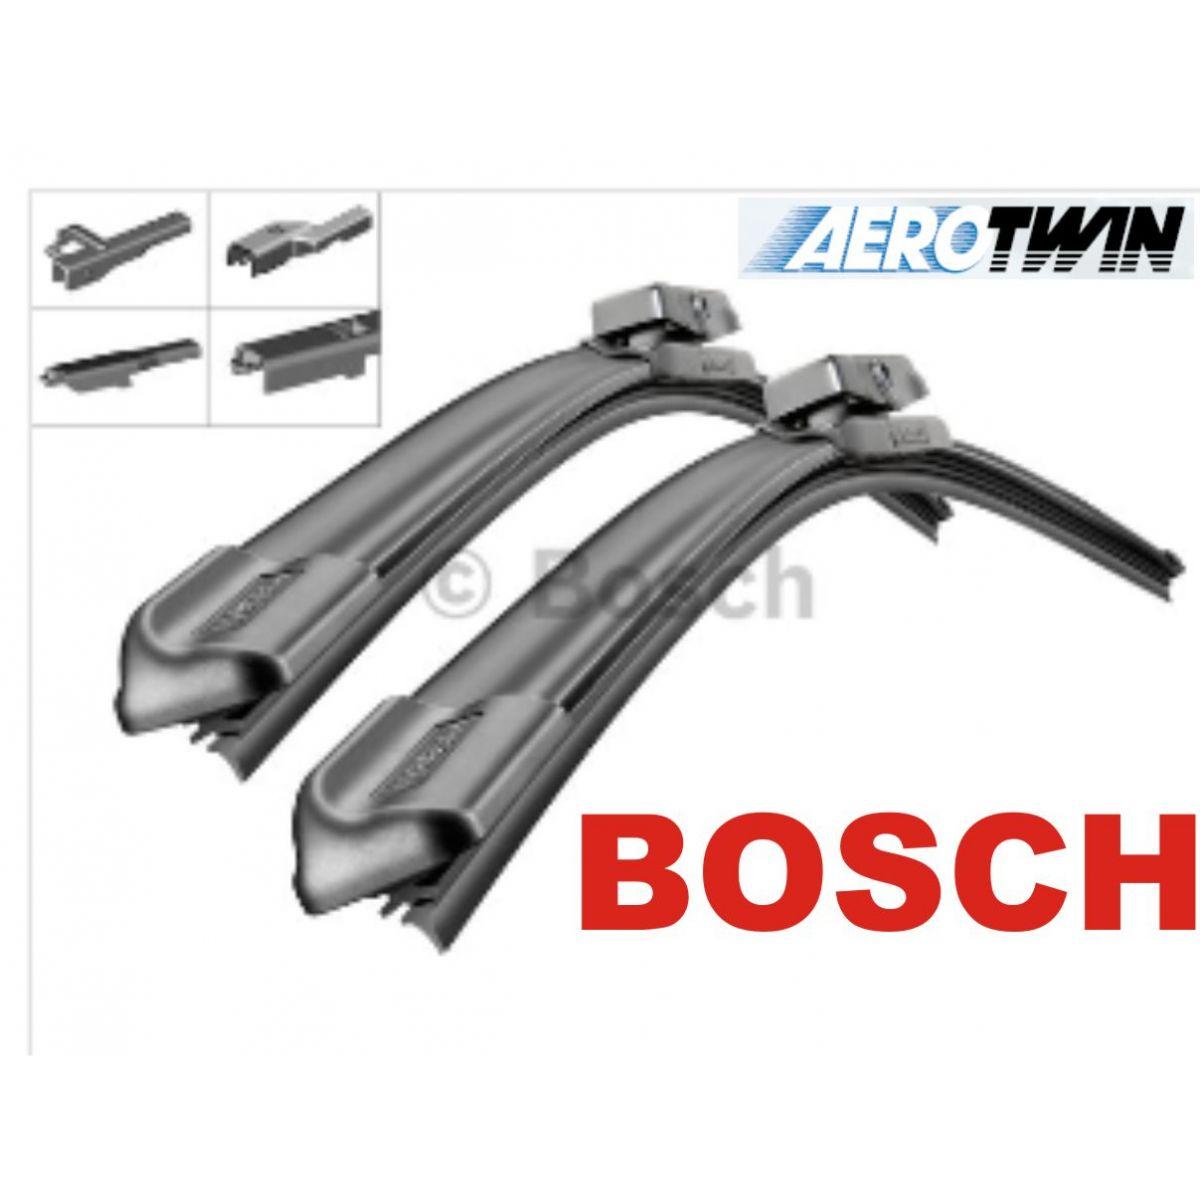 Palheta Bosch Aerotwin Plus Limpador de para brisa Bosch VW Saveiro V ano 2013 em diante